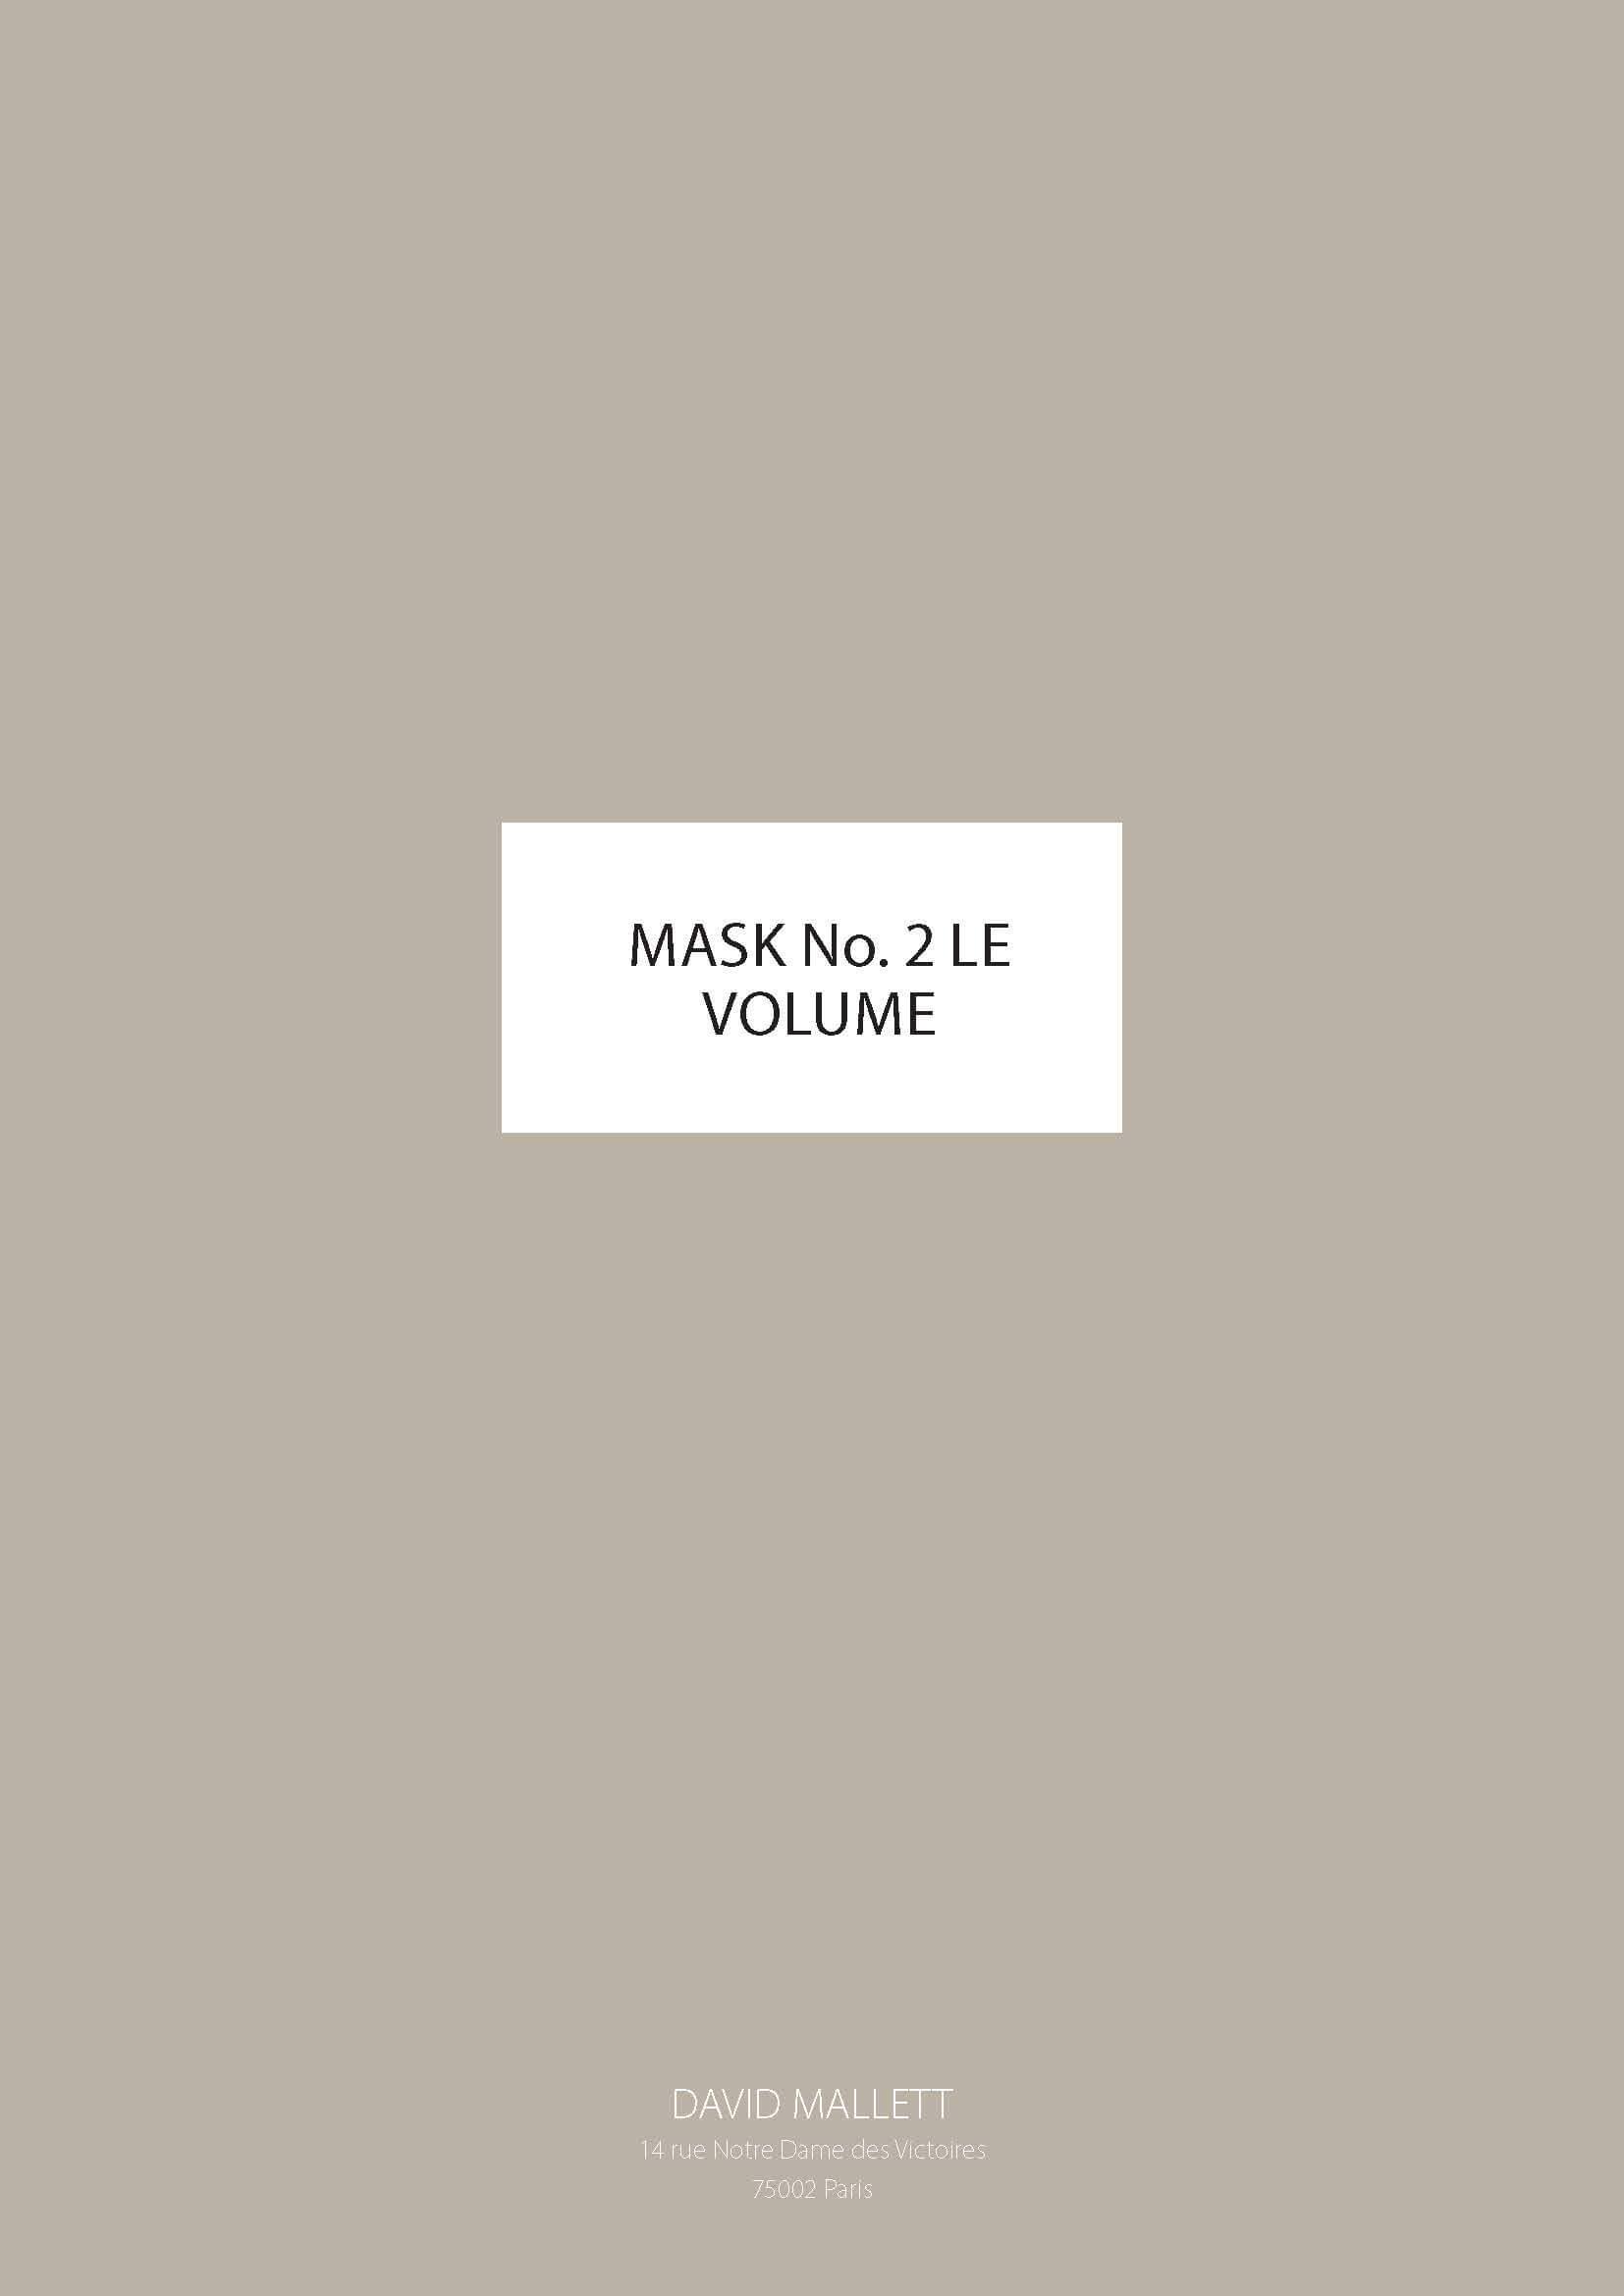 Mask No.2 LE VOLUME ENG